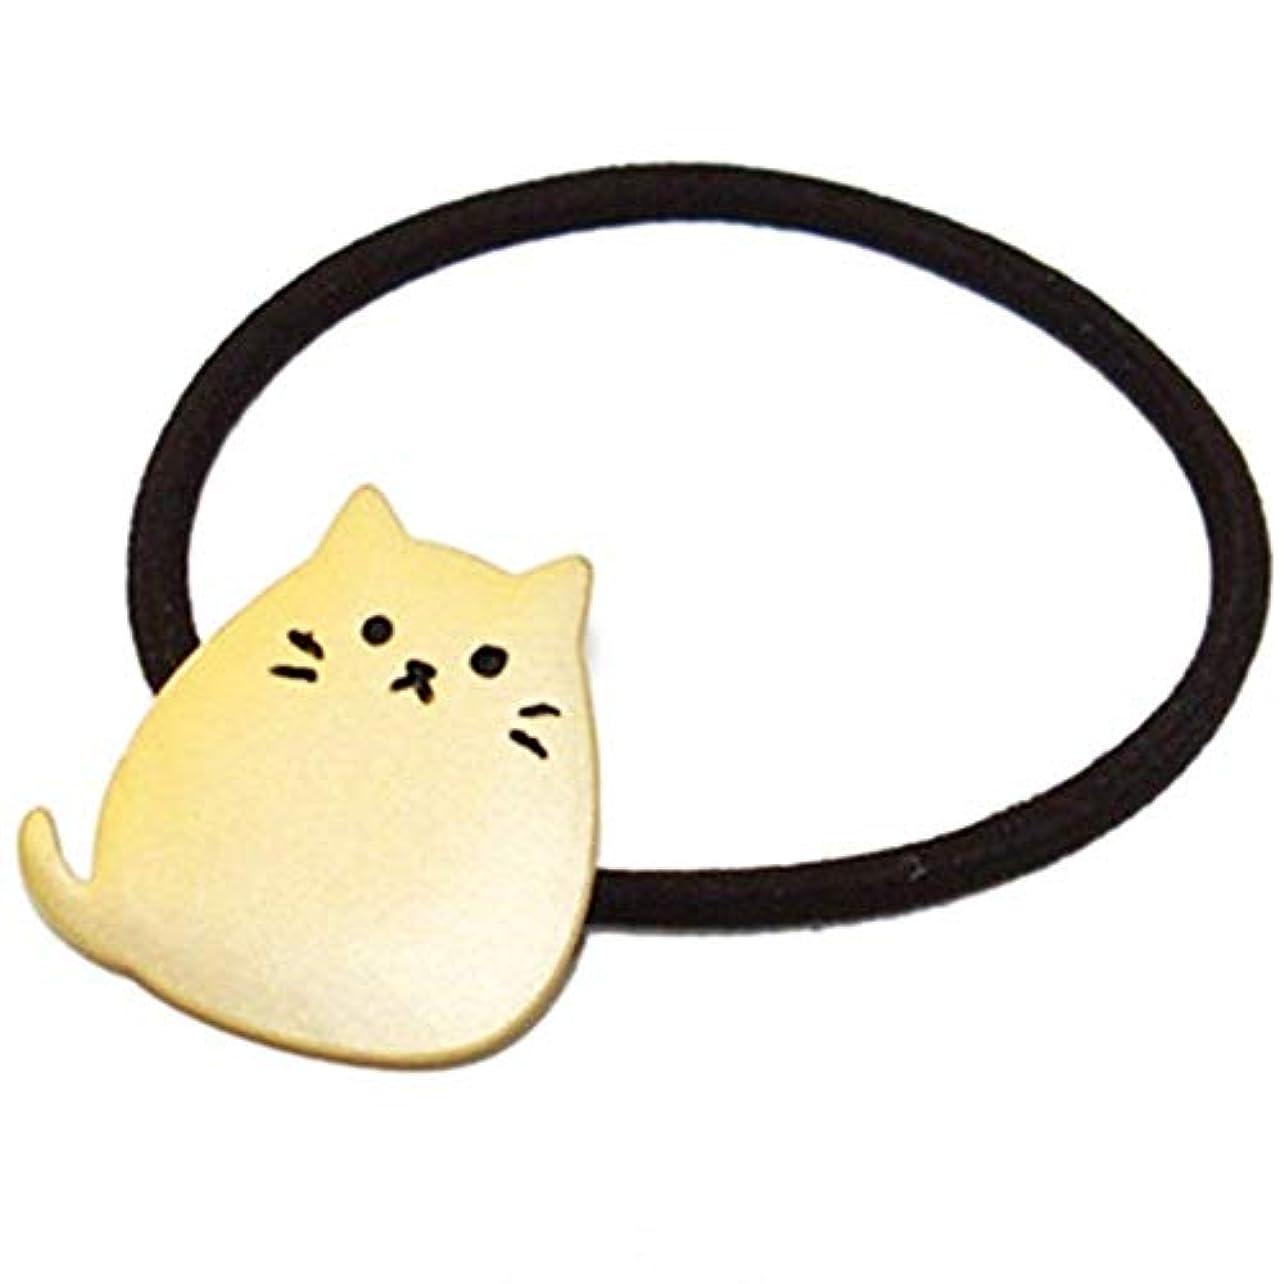 コーンウォールスペルベストOnior ヘアロープ 弾性 リボン 髪飾り ヘアネクタイ 猫形 金属 メッキ 1ピース ゴールデン